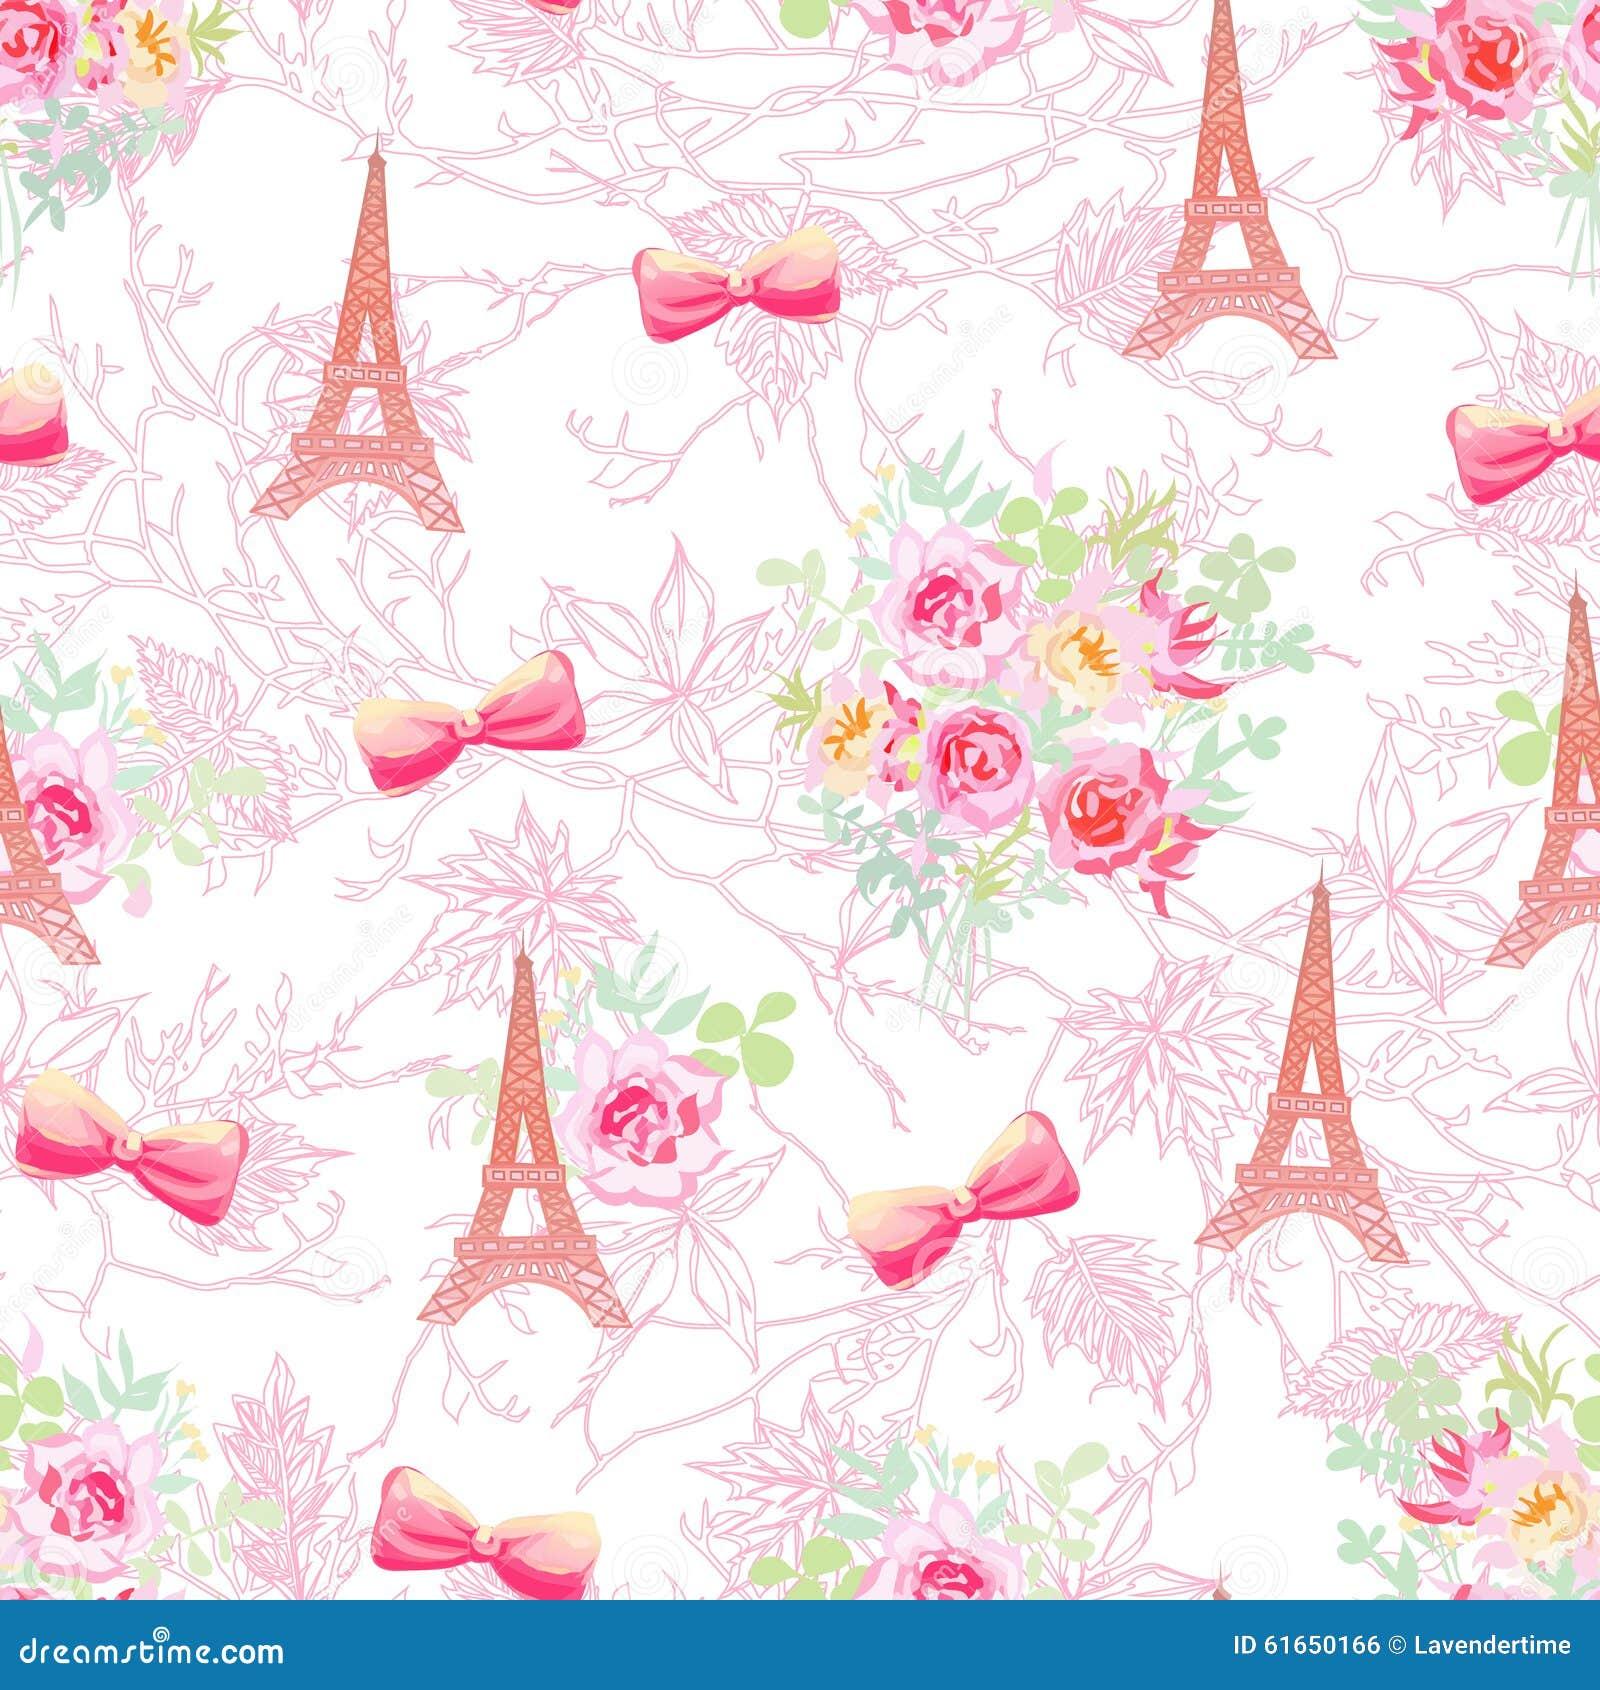 Gevoelige de torens en de boeketten naadloze vectordruk van eiffel vector illustratie - Parijs zoet ...